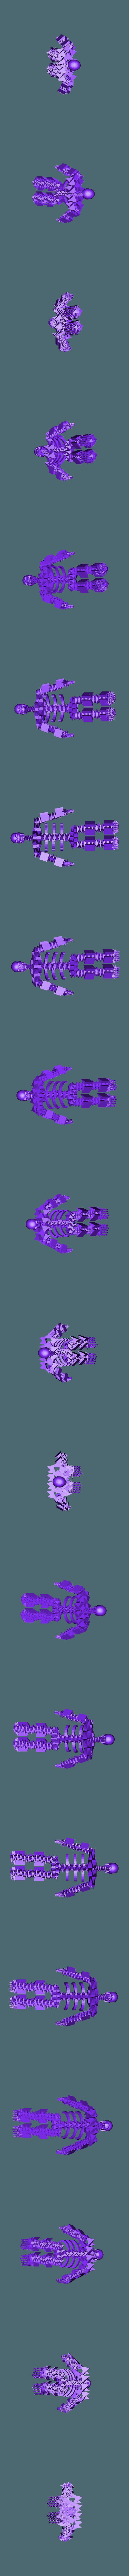 grim_reaper.stl Télécharger fichier STL gratuit Squelette de la Faucheuse • Plan à imprimer en 3D, cloudyconnex